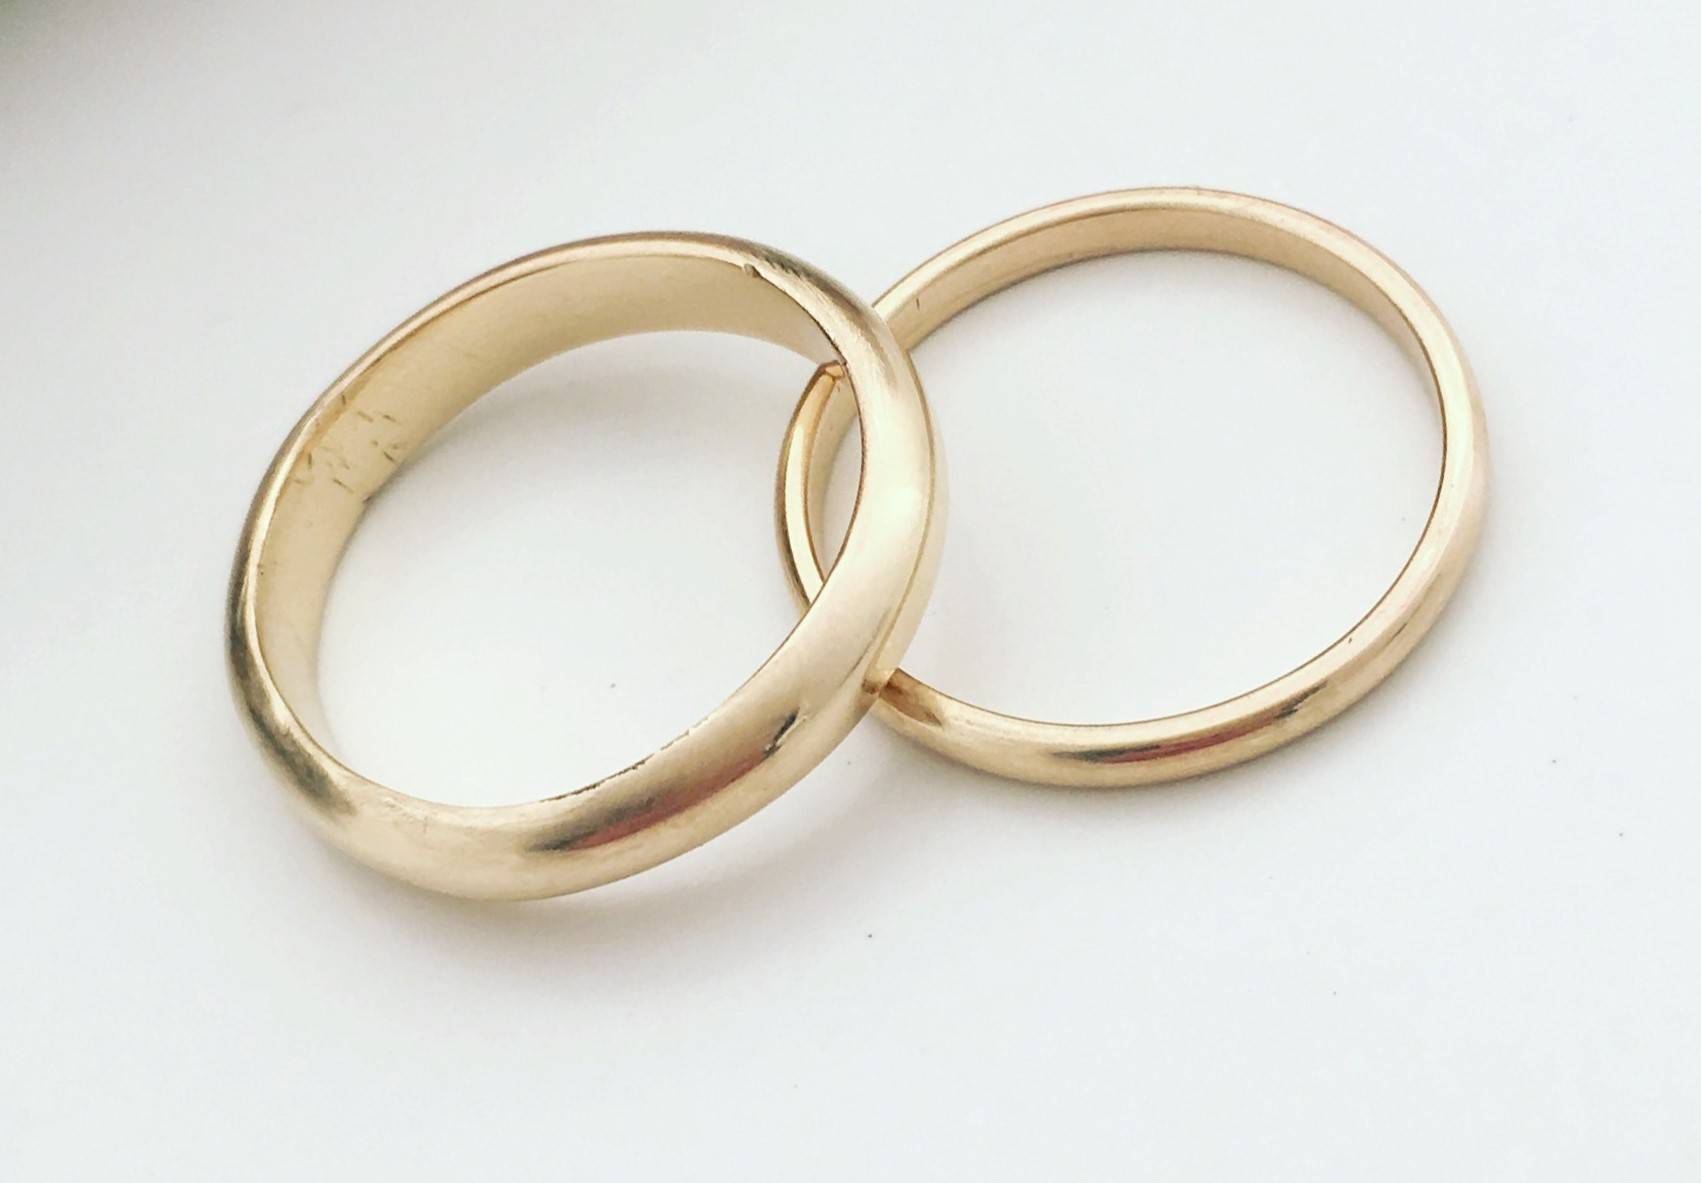 Evlilik Nedeniyle İşten Ayrılma Halinde Tazminat Hakkı